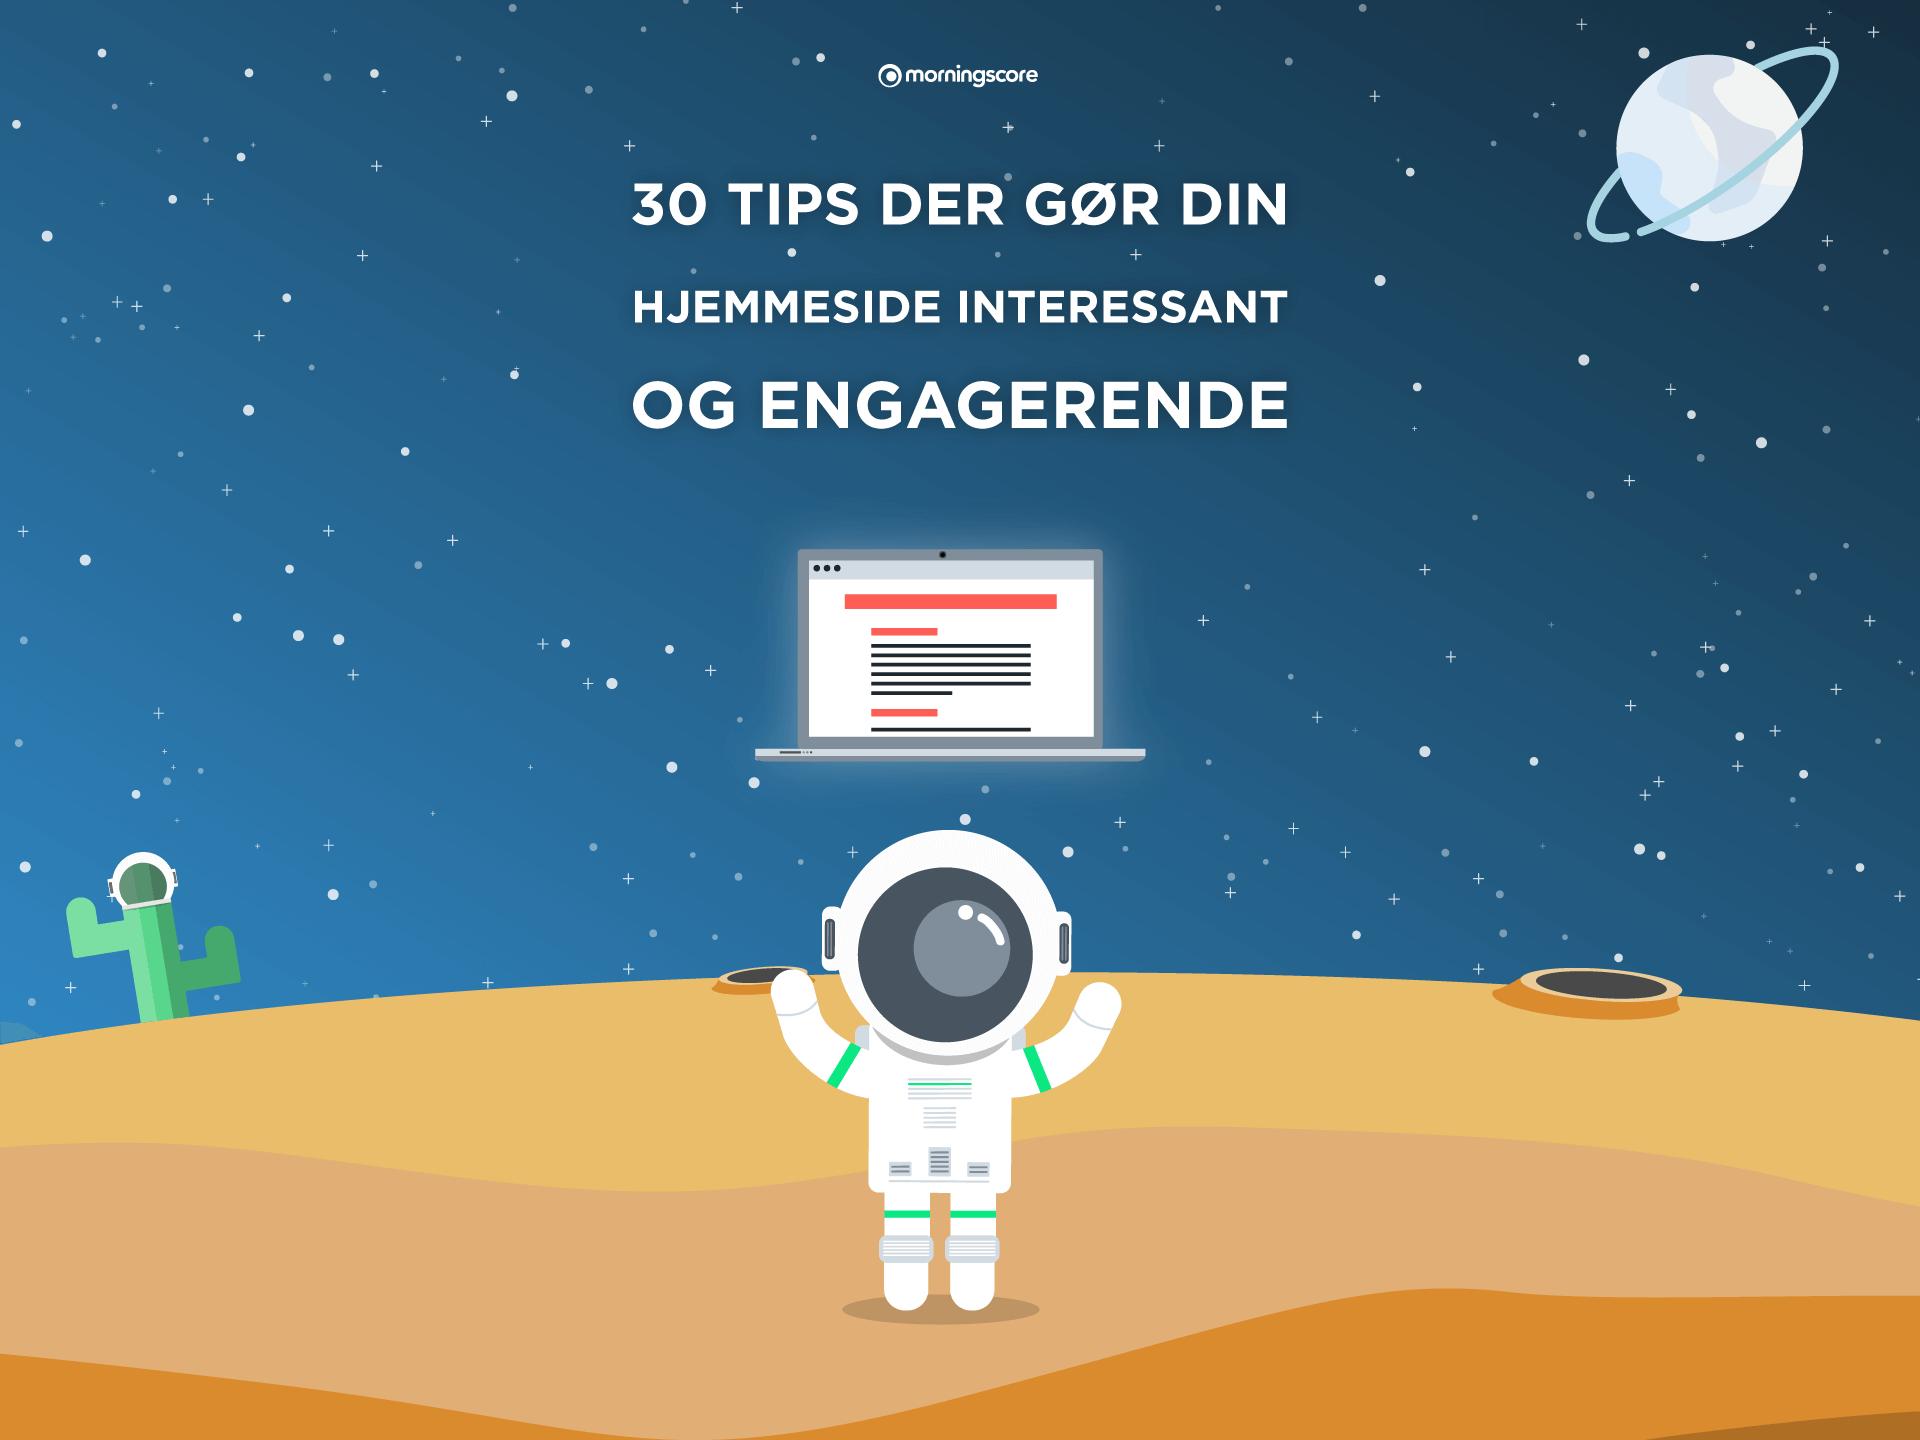 30 konkrete hjemmeside tips goer din hjemmeside interessant og engager din maalgruppe